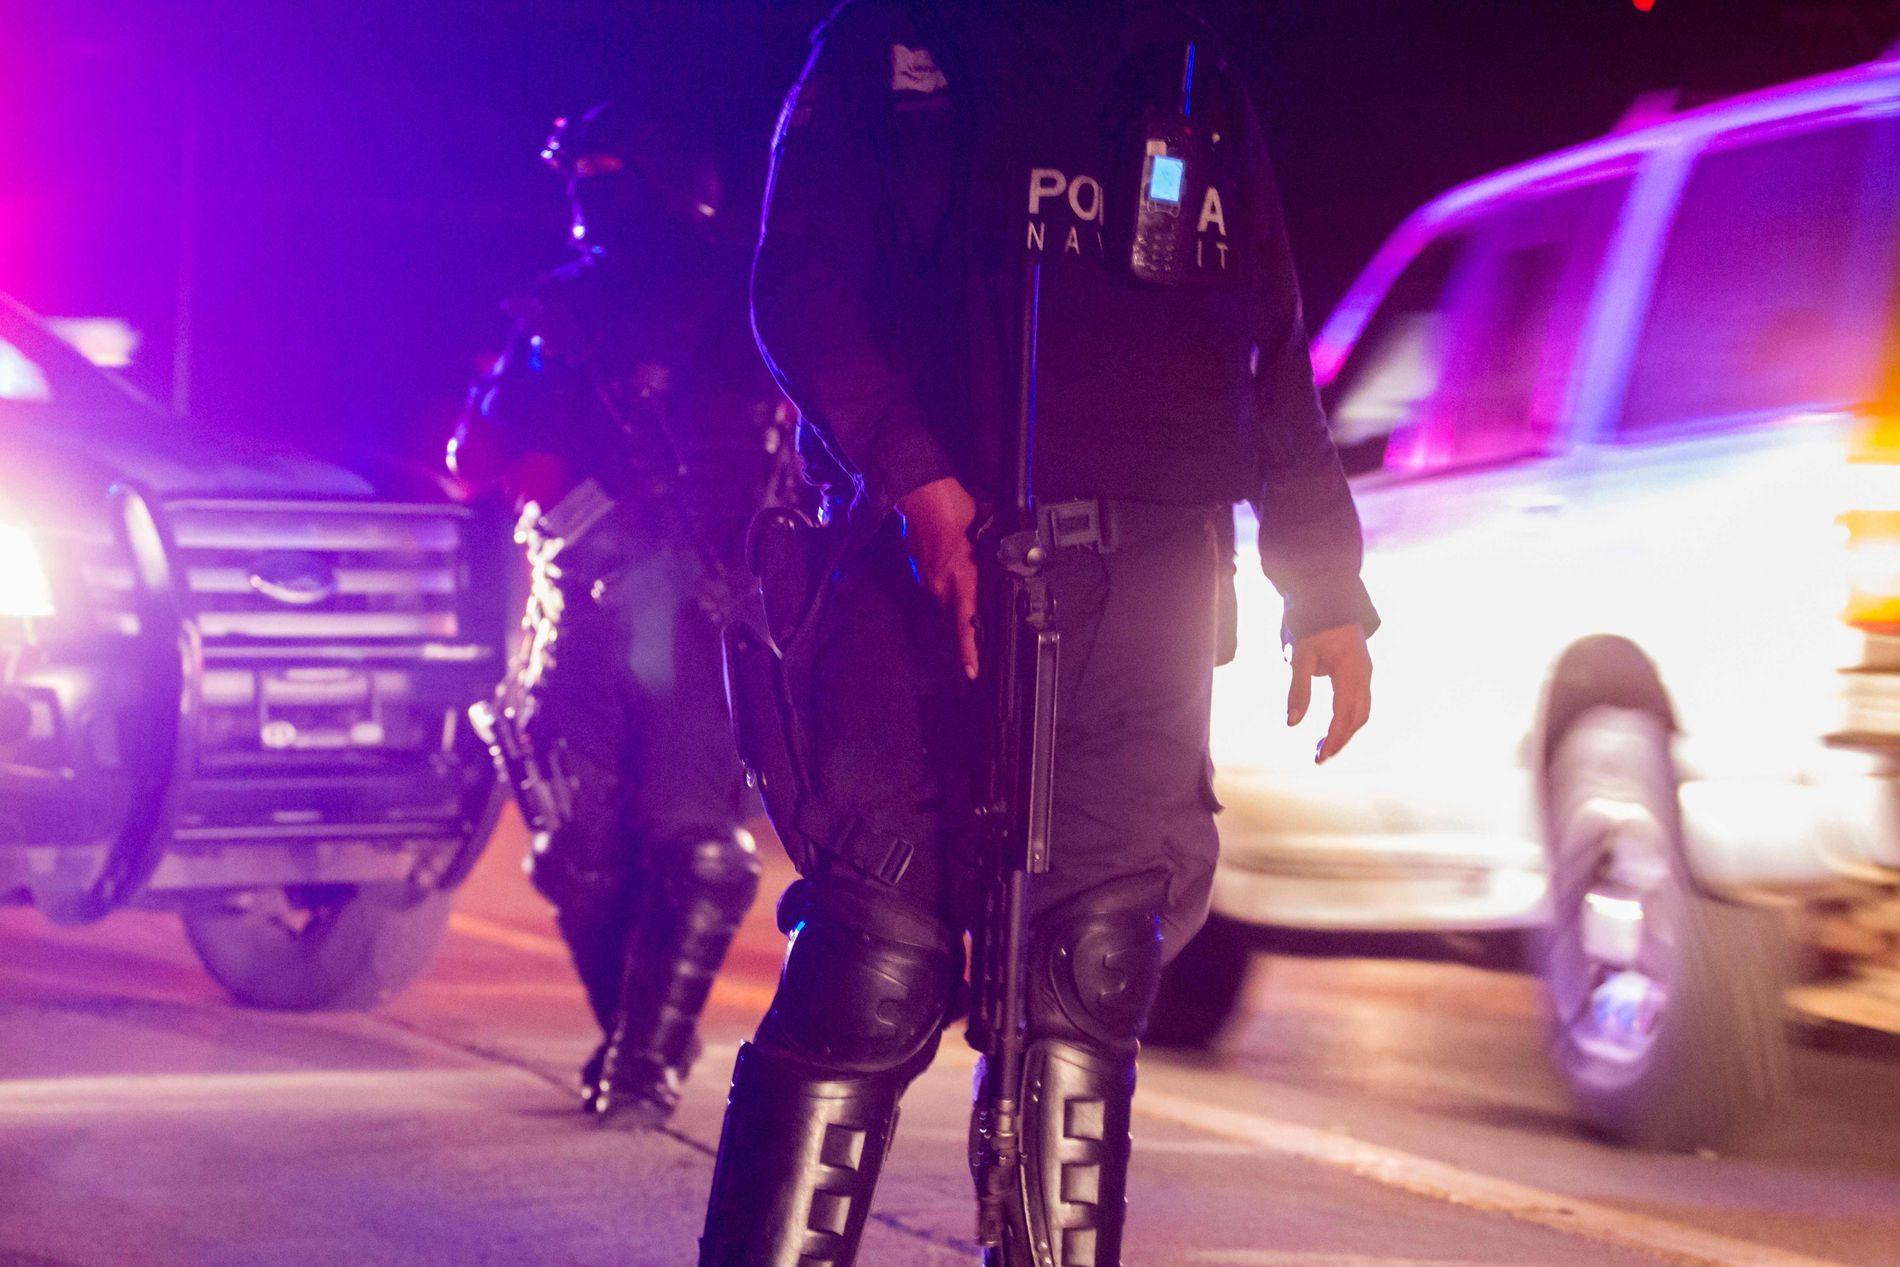 """KIDNAPPET: Politi holder vakt på gaten etter en operasjon der Jesus Alfredo Guzman Salazar, som er sønnen til Joaquin """"El Chapo"""" Guzman, var blant flere som ble kidnappet fra en bar."""